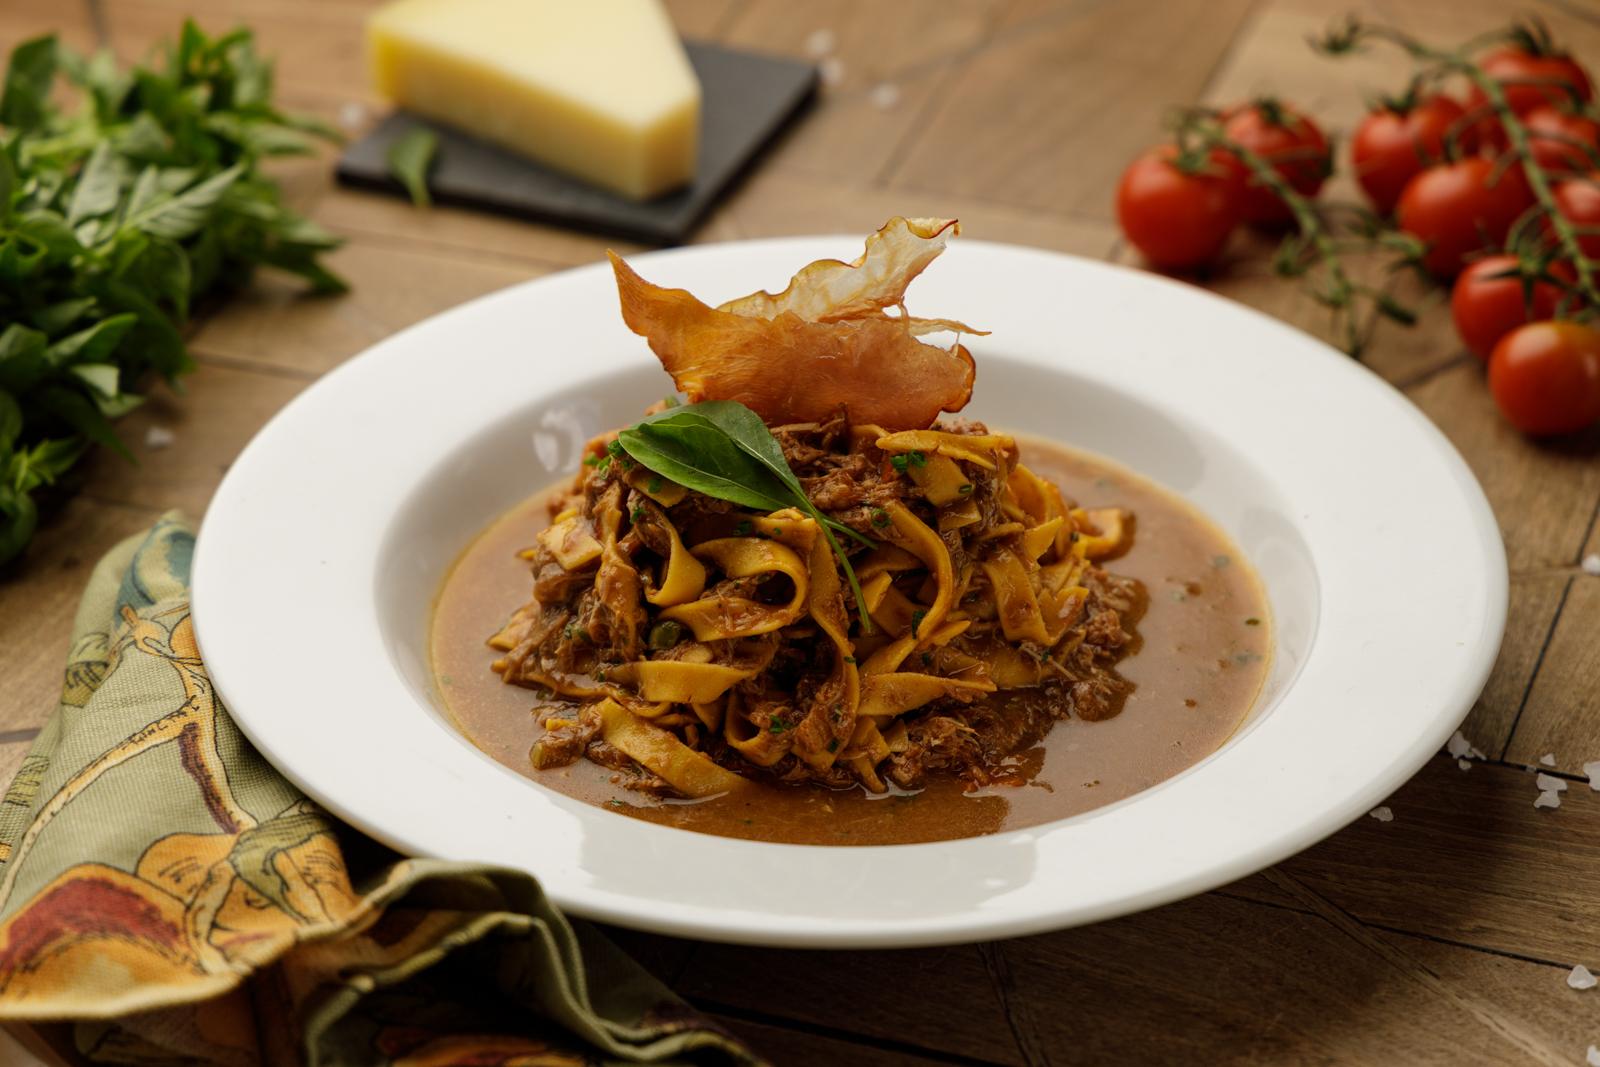 Presente em todas as edições do Festival Bom Gourmet, o Limoeiro Casa de Comidas, no Tarumã, traz sempre novidades em seus menus, como o tagliatelle ao ragu de pato e alho-poró.